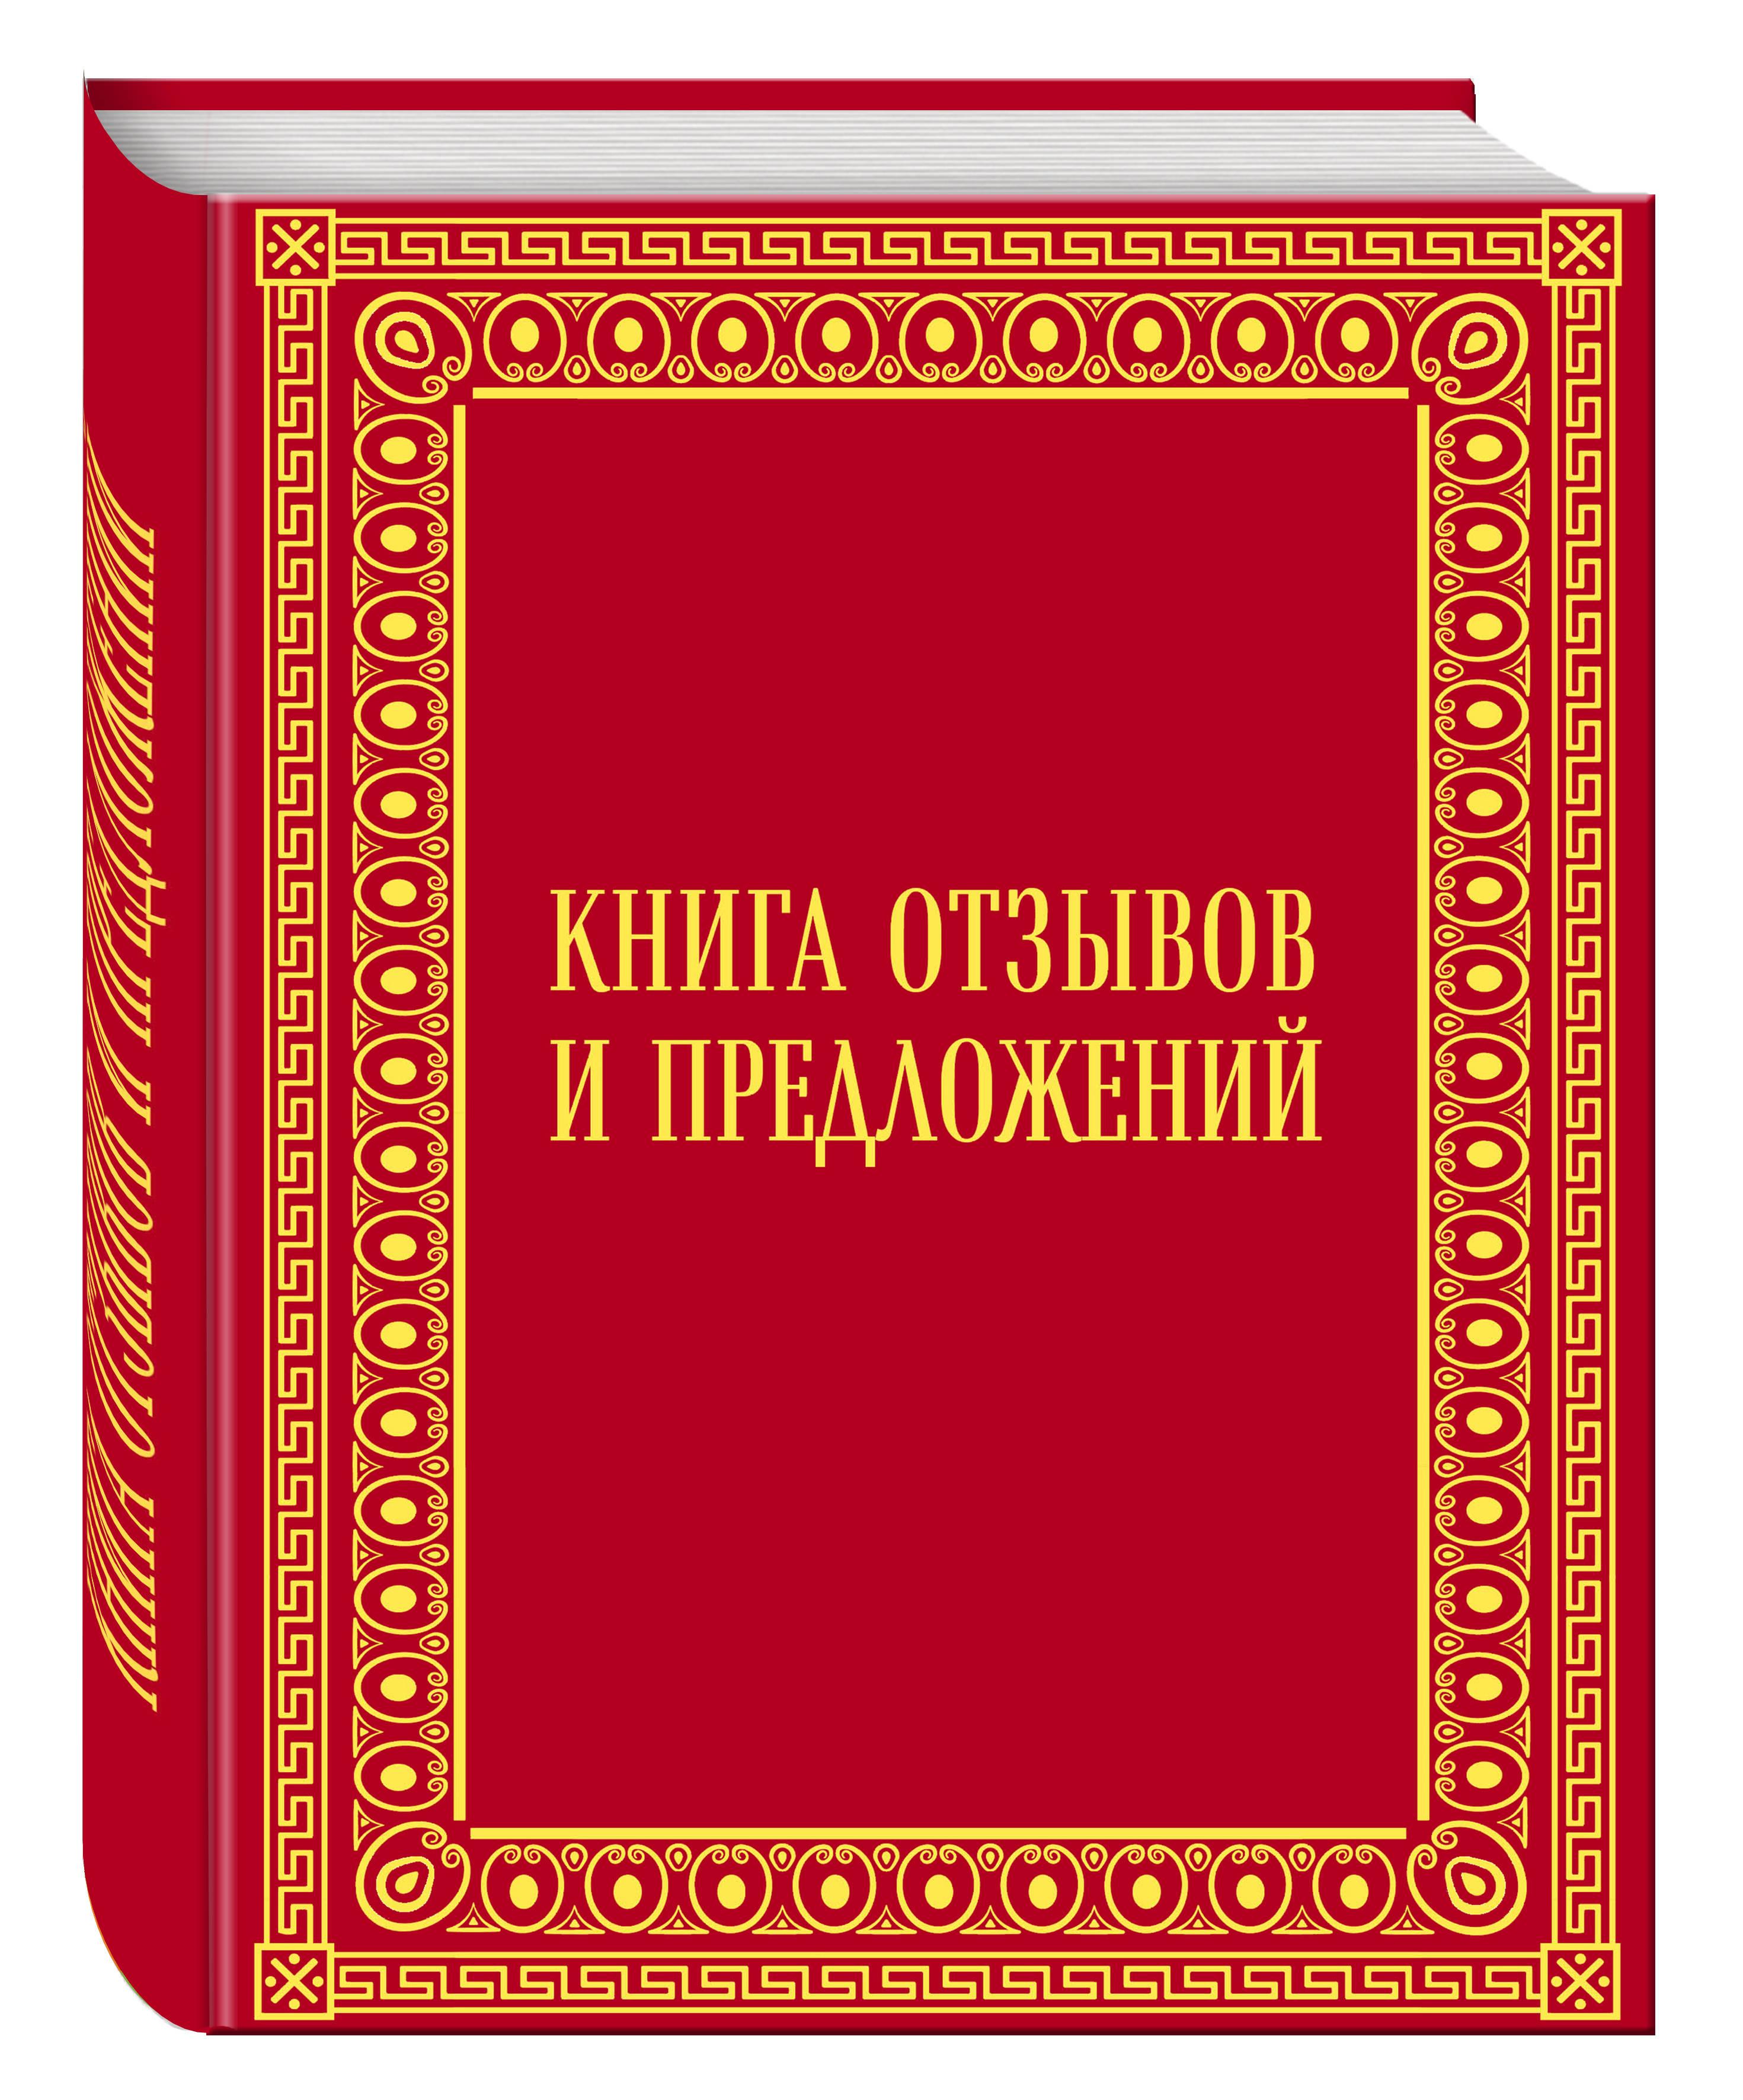 Книга отзывов и предложений в бархате связь на промышленных предприятиях